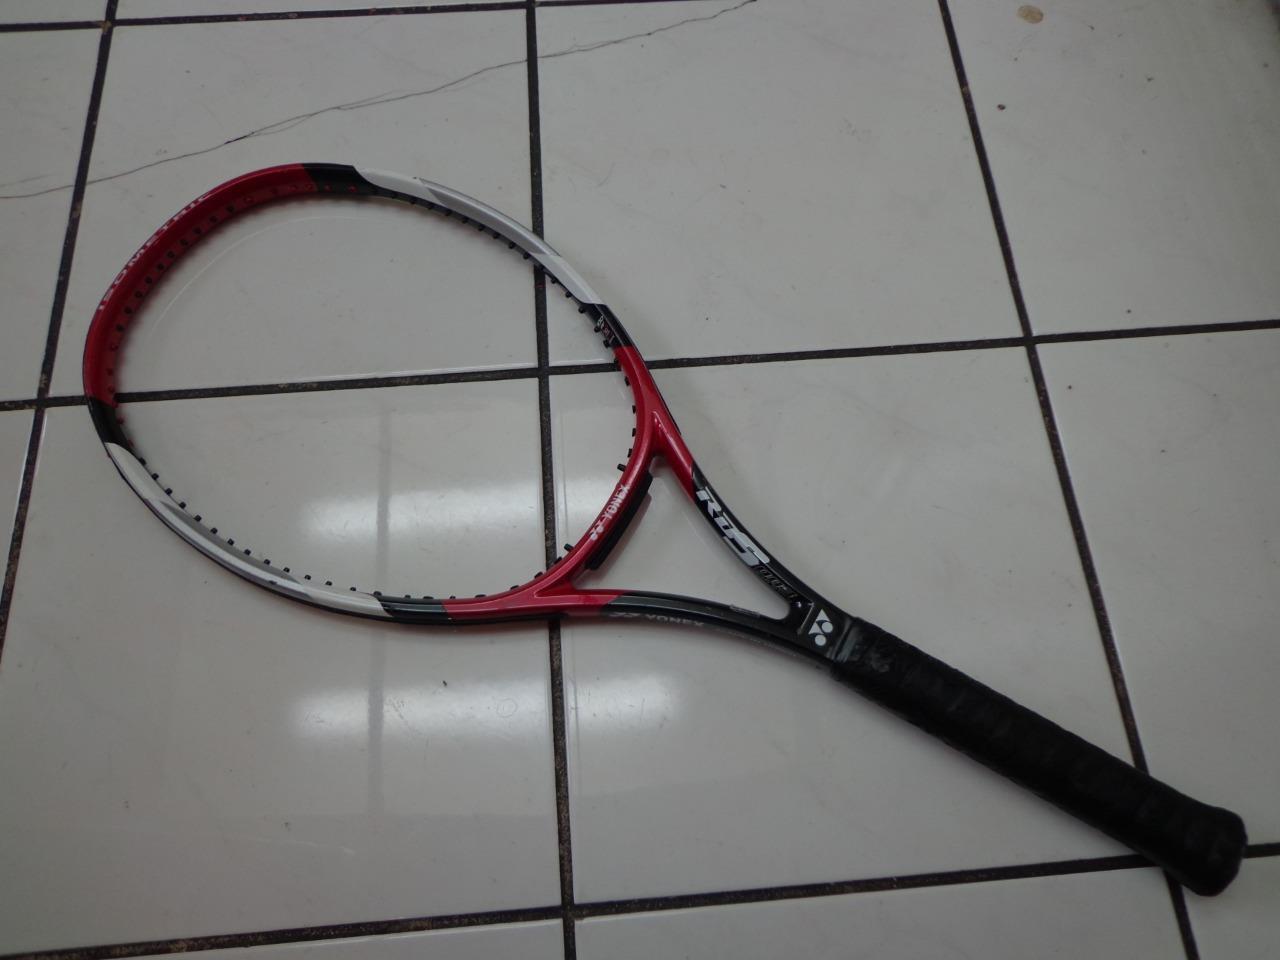 Yonex Rds 003 Midplus  100 cabeza 4 1 4 Grip Tenis Raqueta  ahorra 50% -75% de descuento